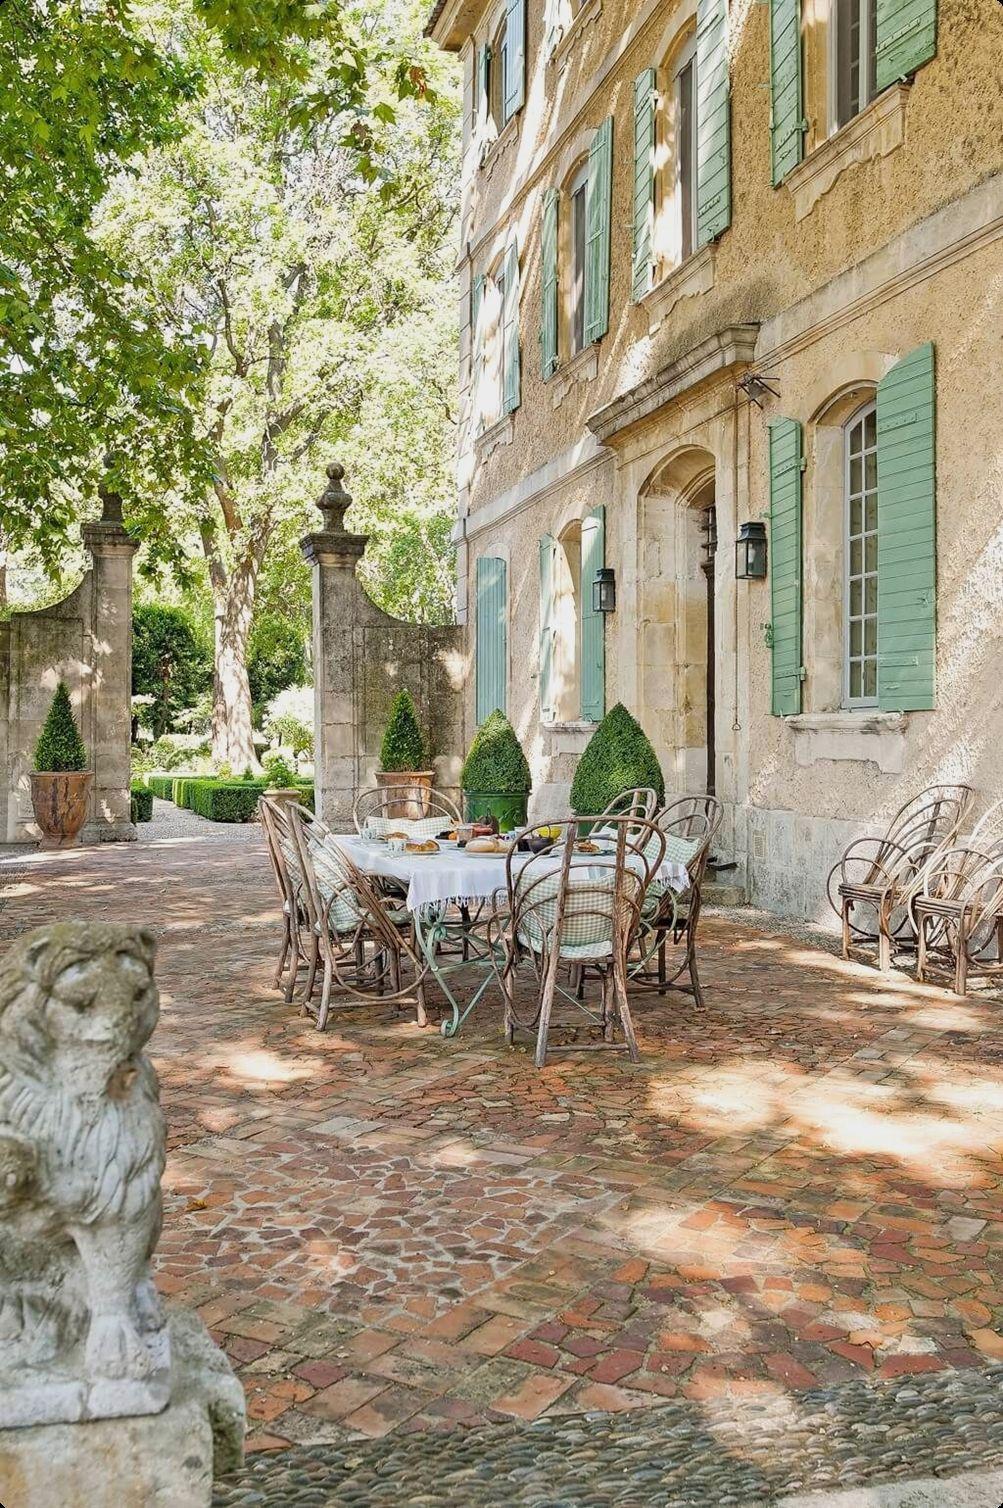 Urbangardening Franzosisches Landhaus Franzosische Schlosser Provence